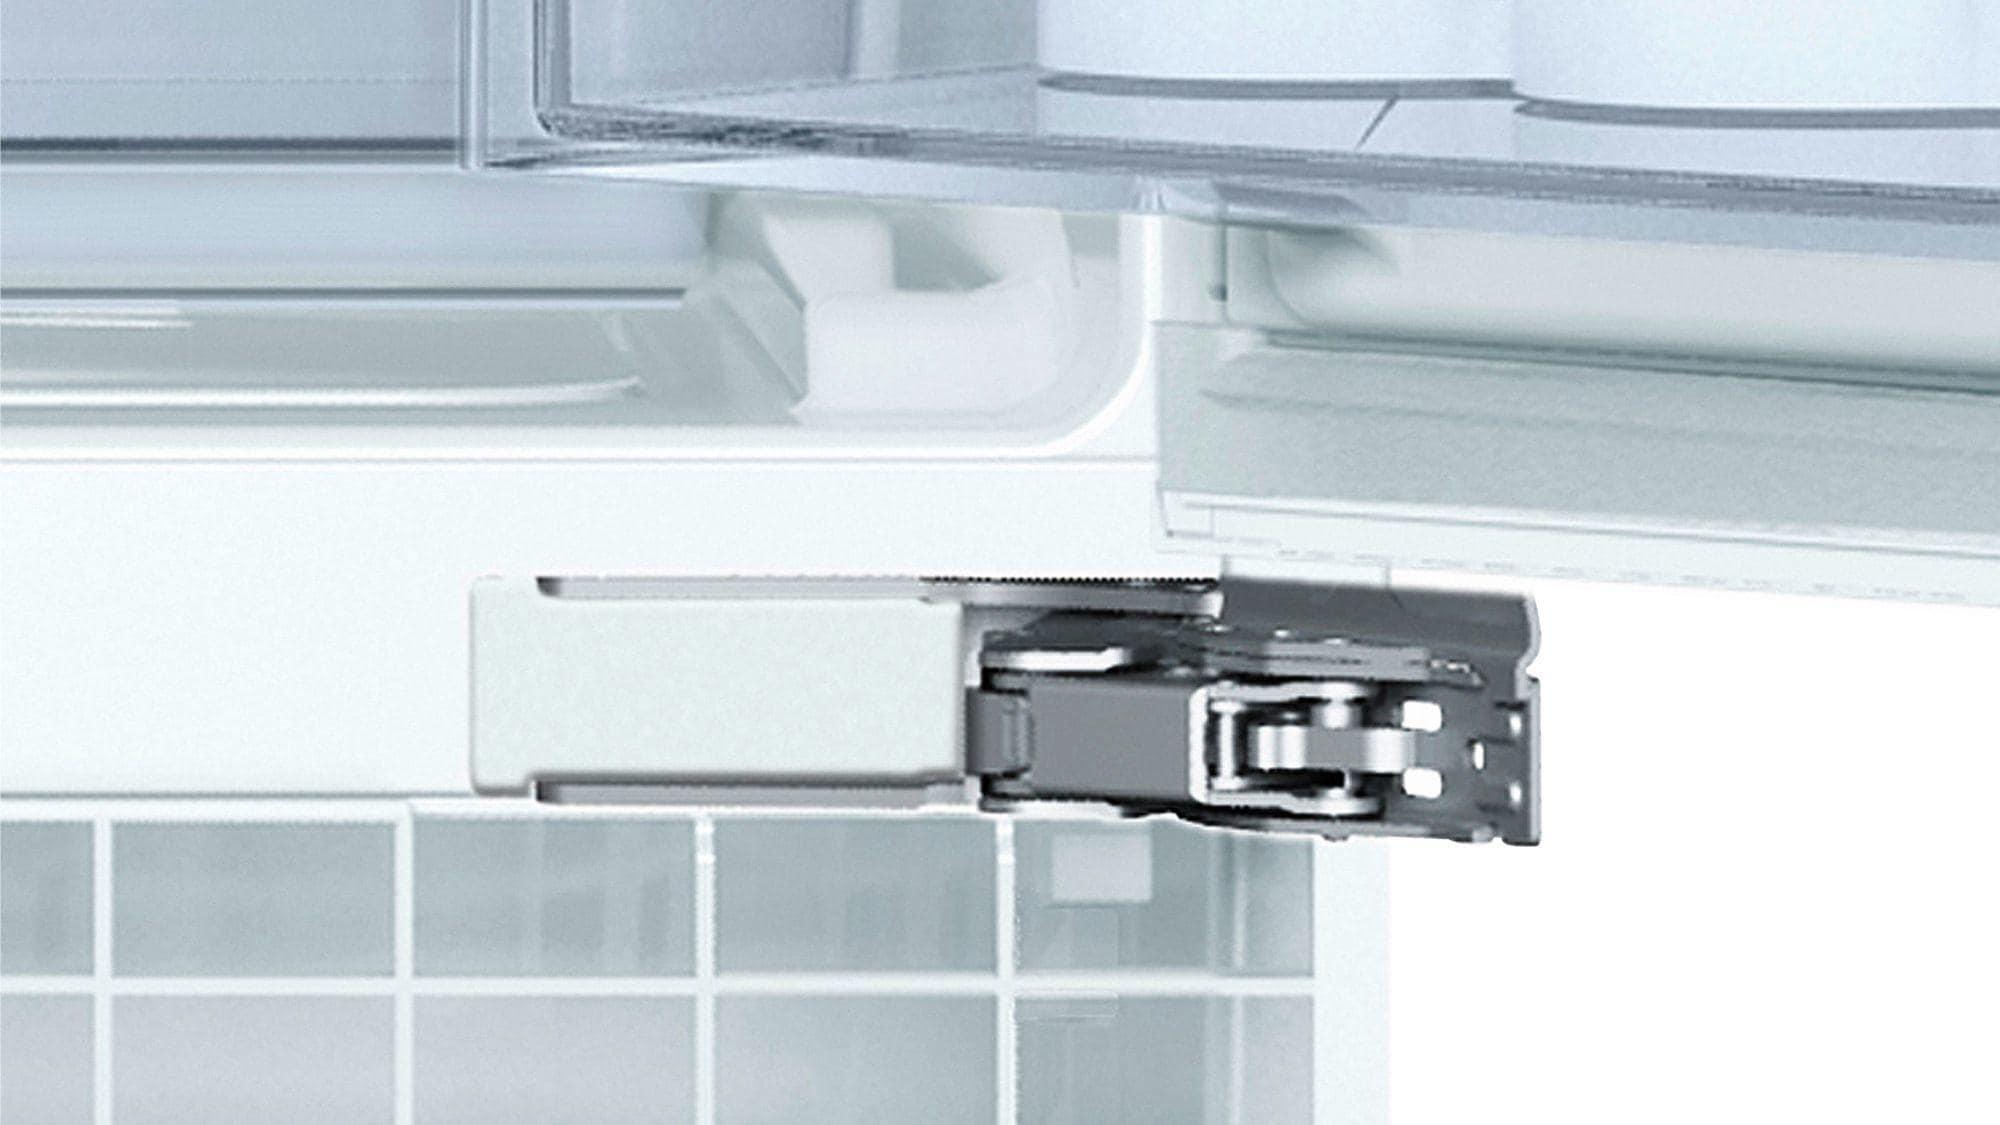 Bosch Kur15a60 A Unterbaukuhlschrank Weiss 59 8 Cm Breit 137